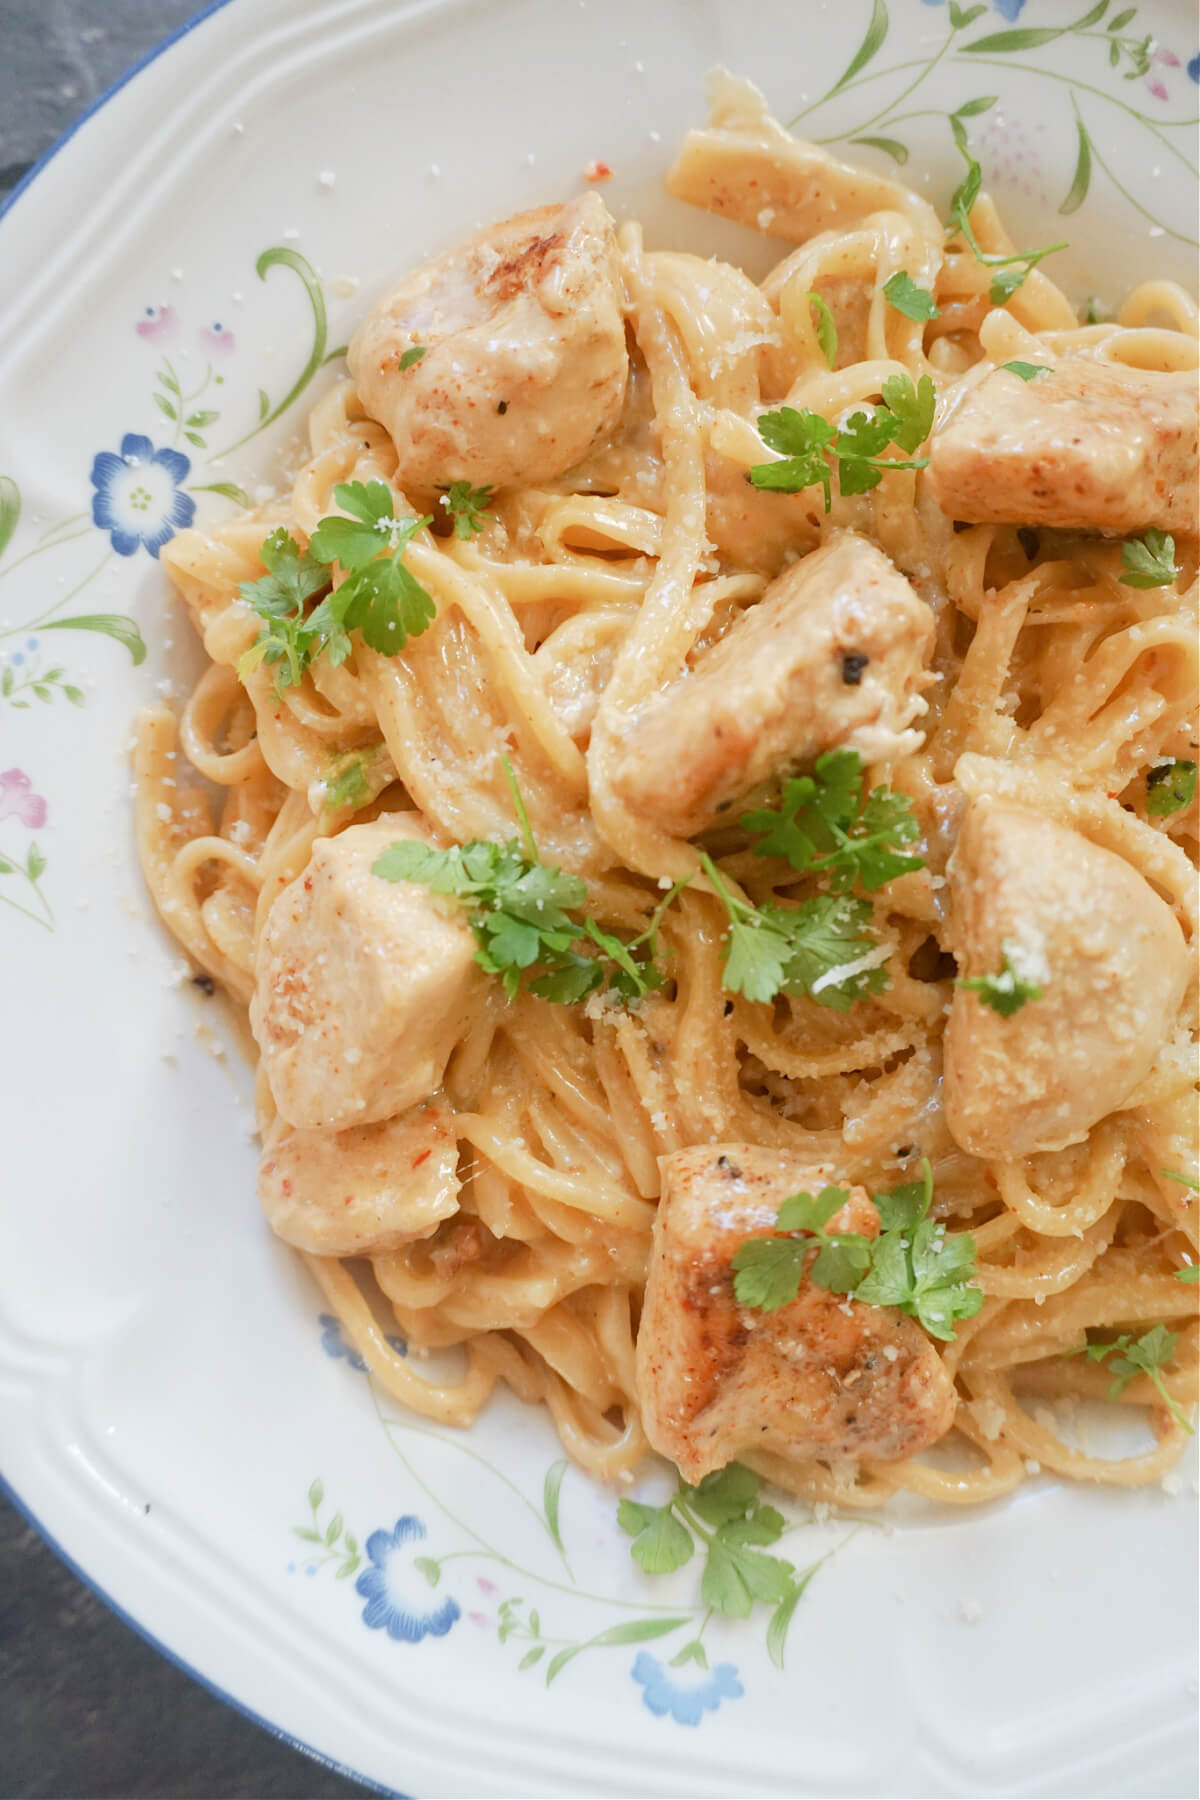 A white plate with spaghetti in creamy cajun chicken sauce